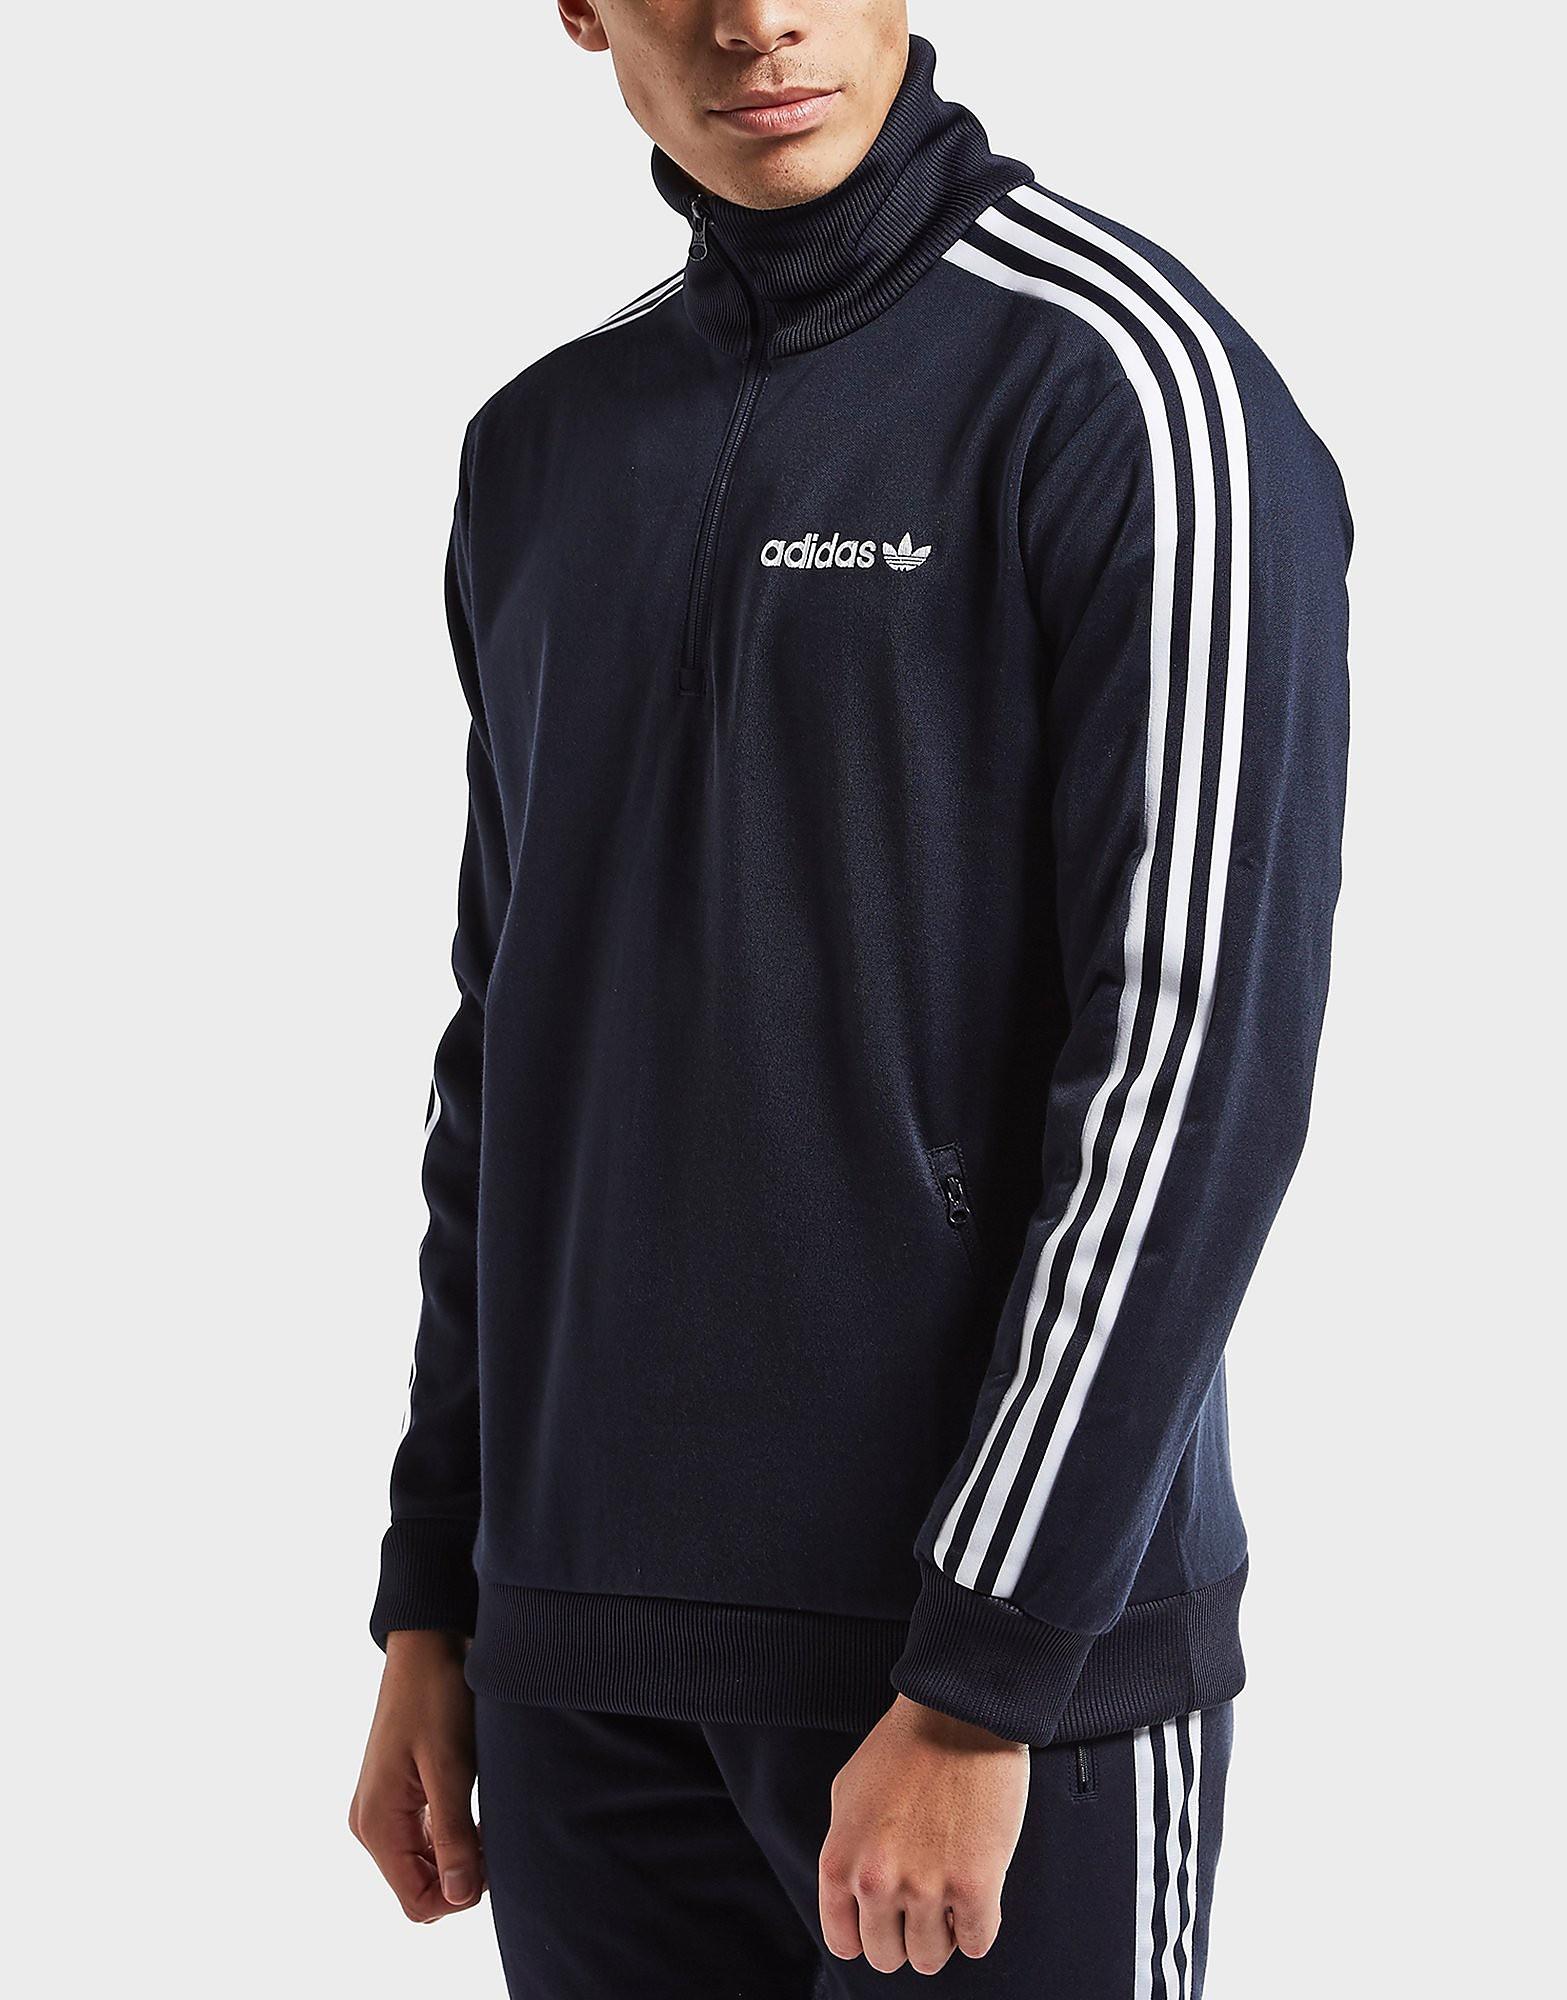 adidas Originals Minoh Half Zip Sweatshirt